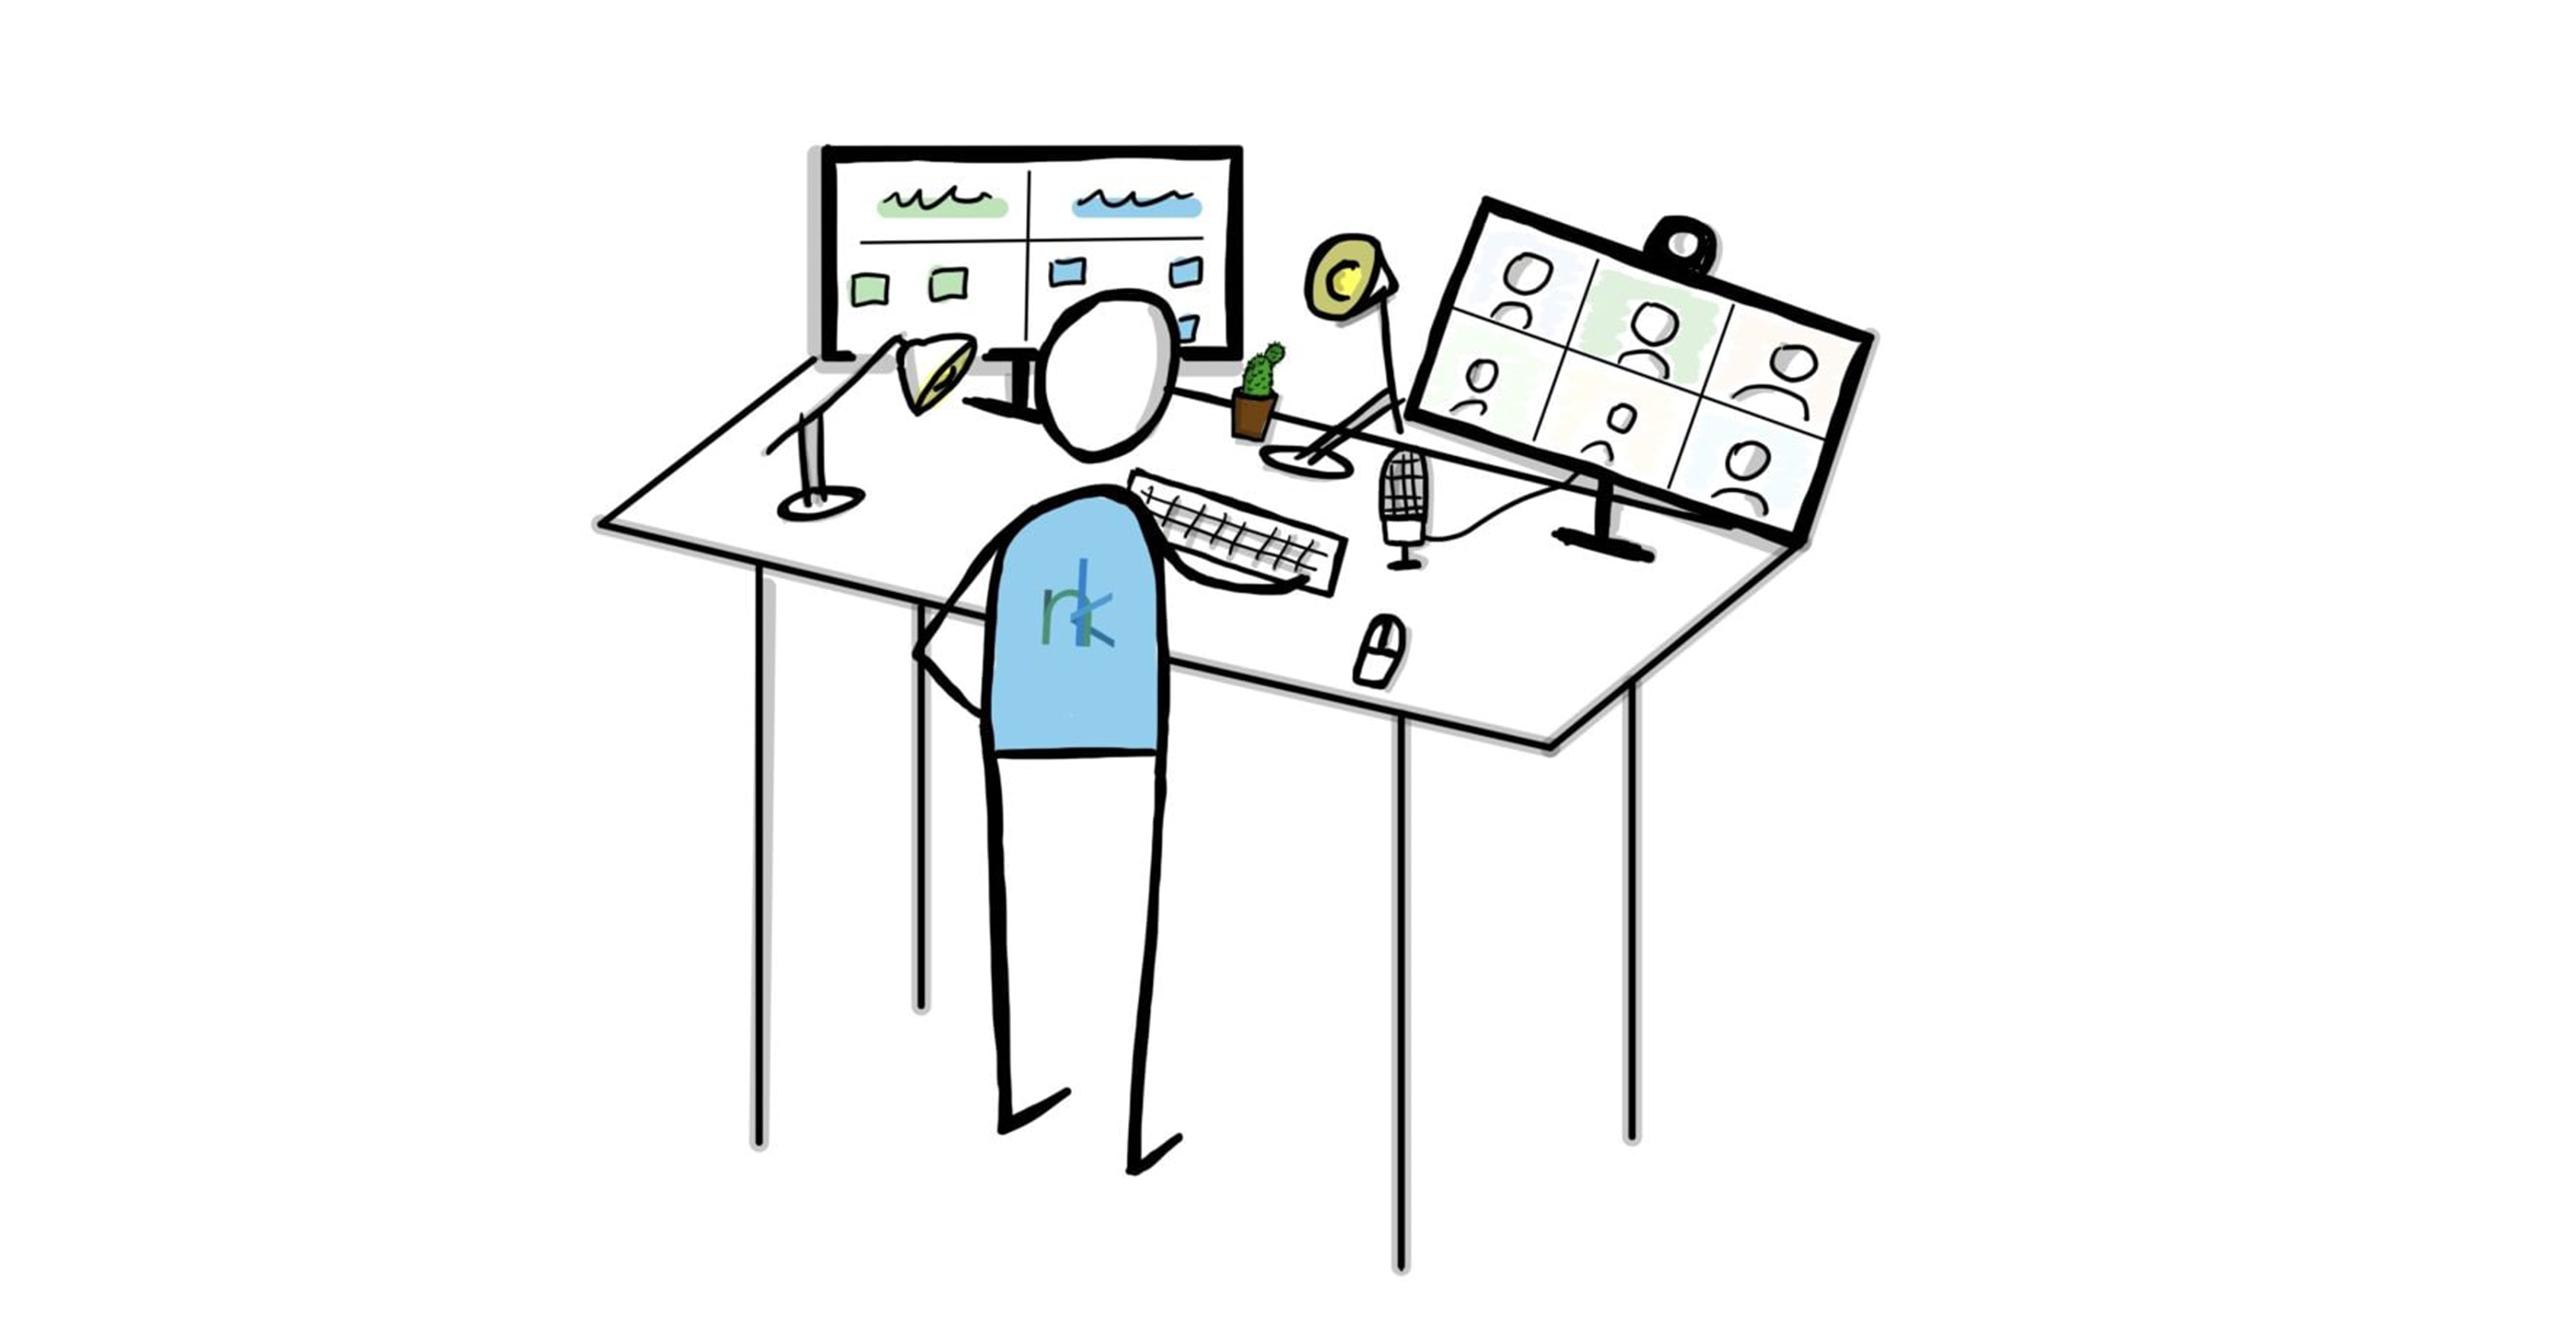 netzwerkknoten_unternehmensberatung_berlin_onlineseminar_remote_entscheidungsprozesse